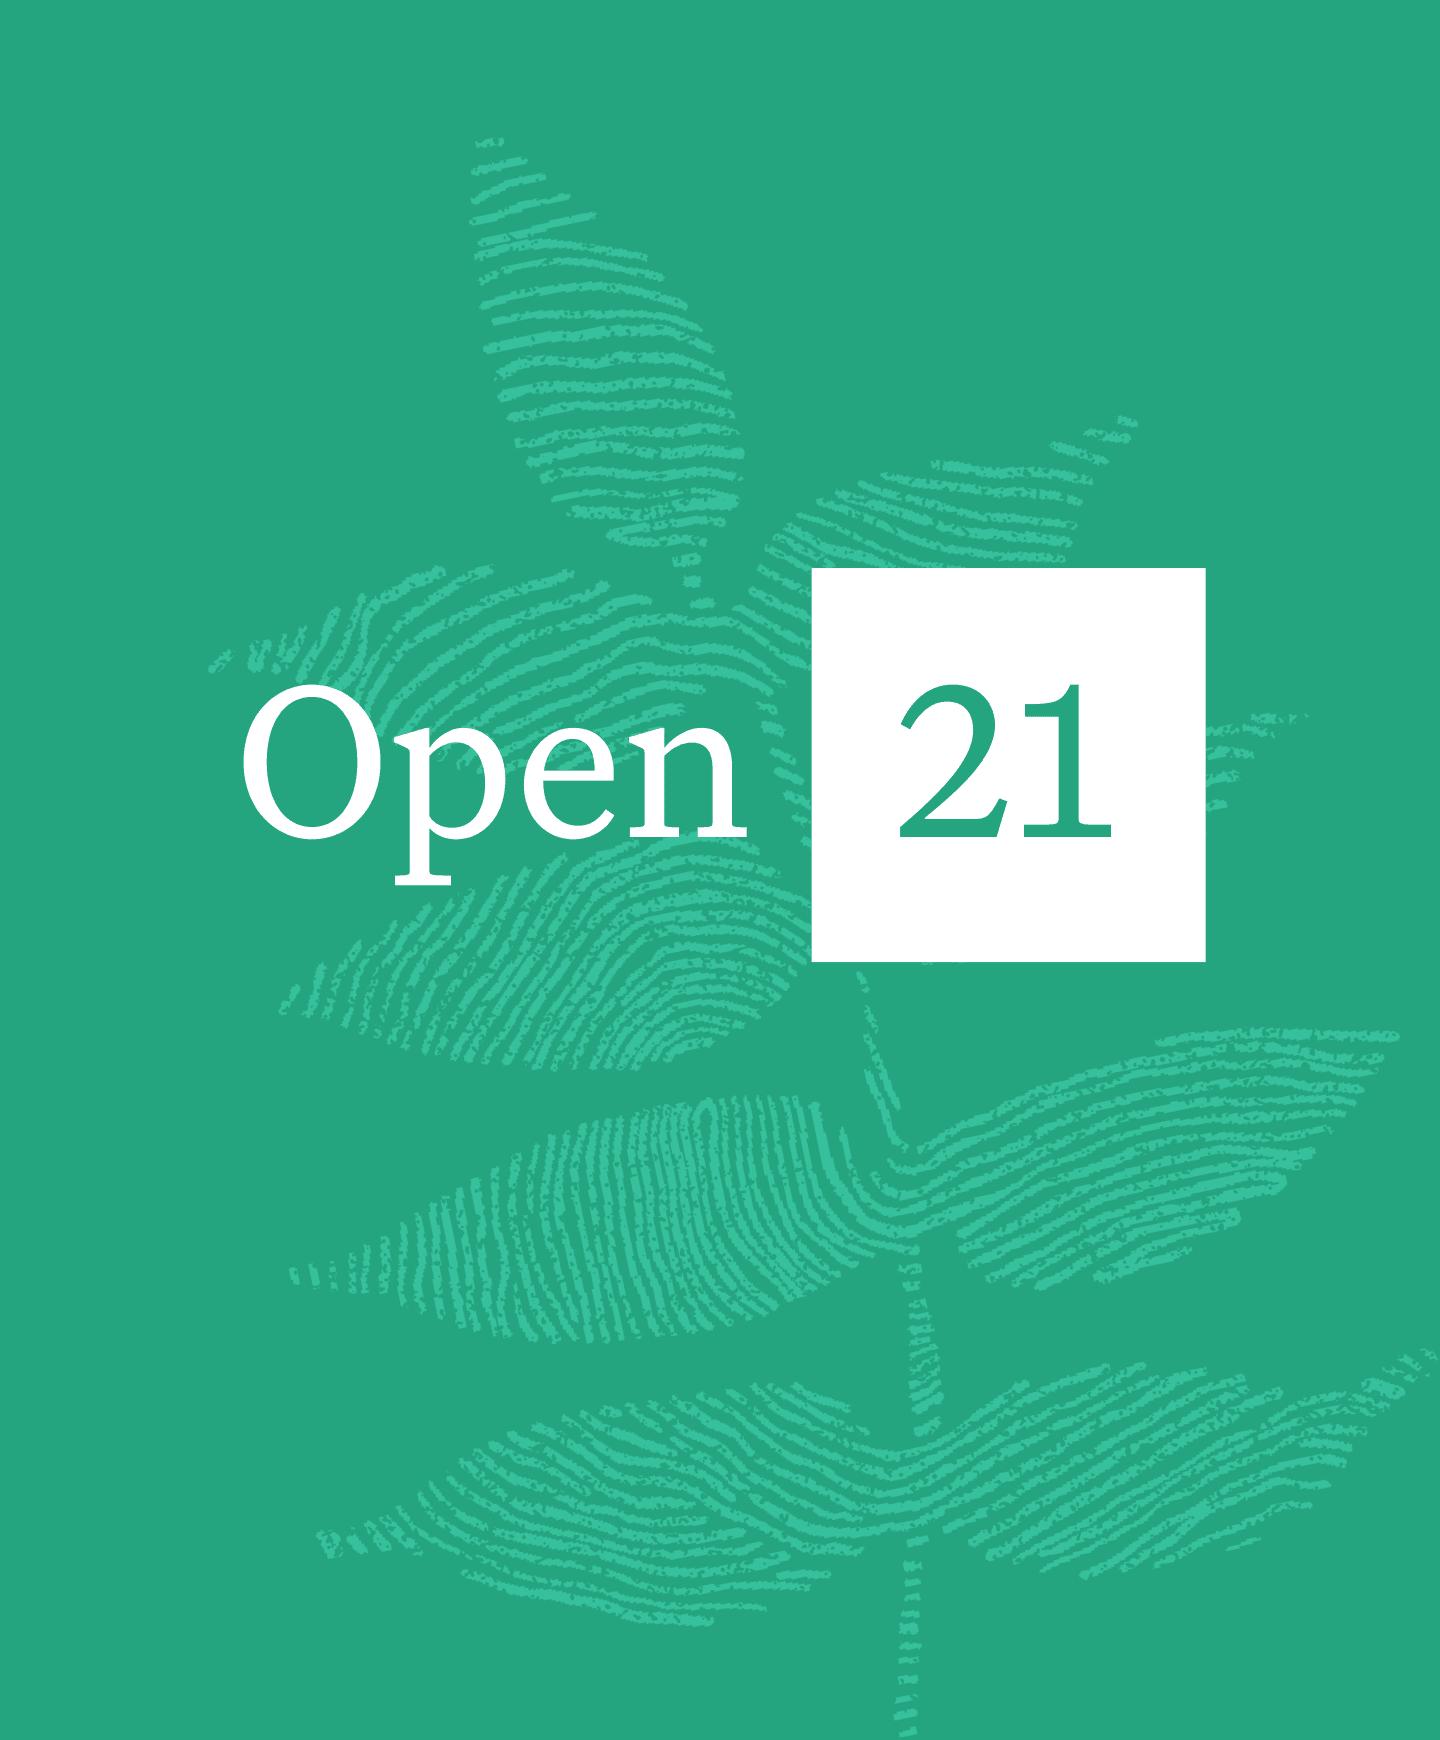 Image of Open 21 logo and botanical illustration